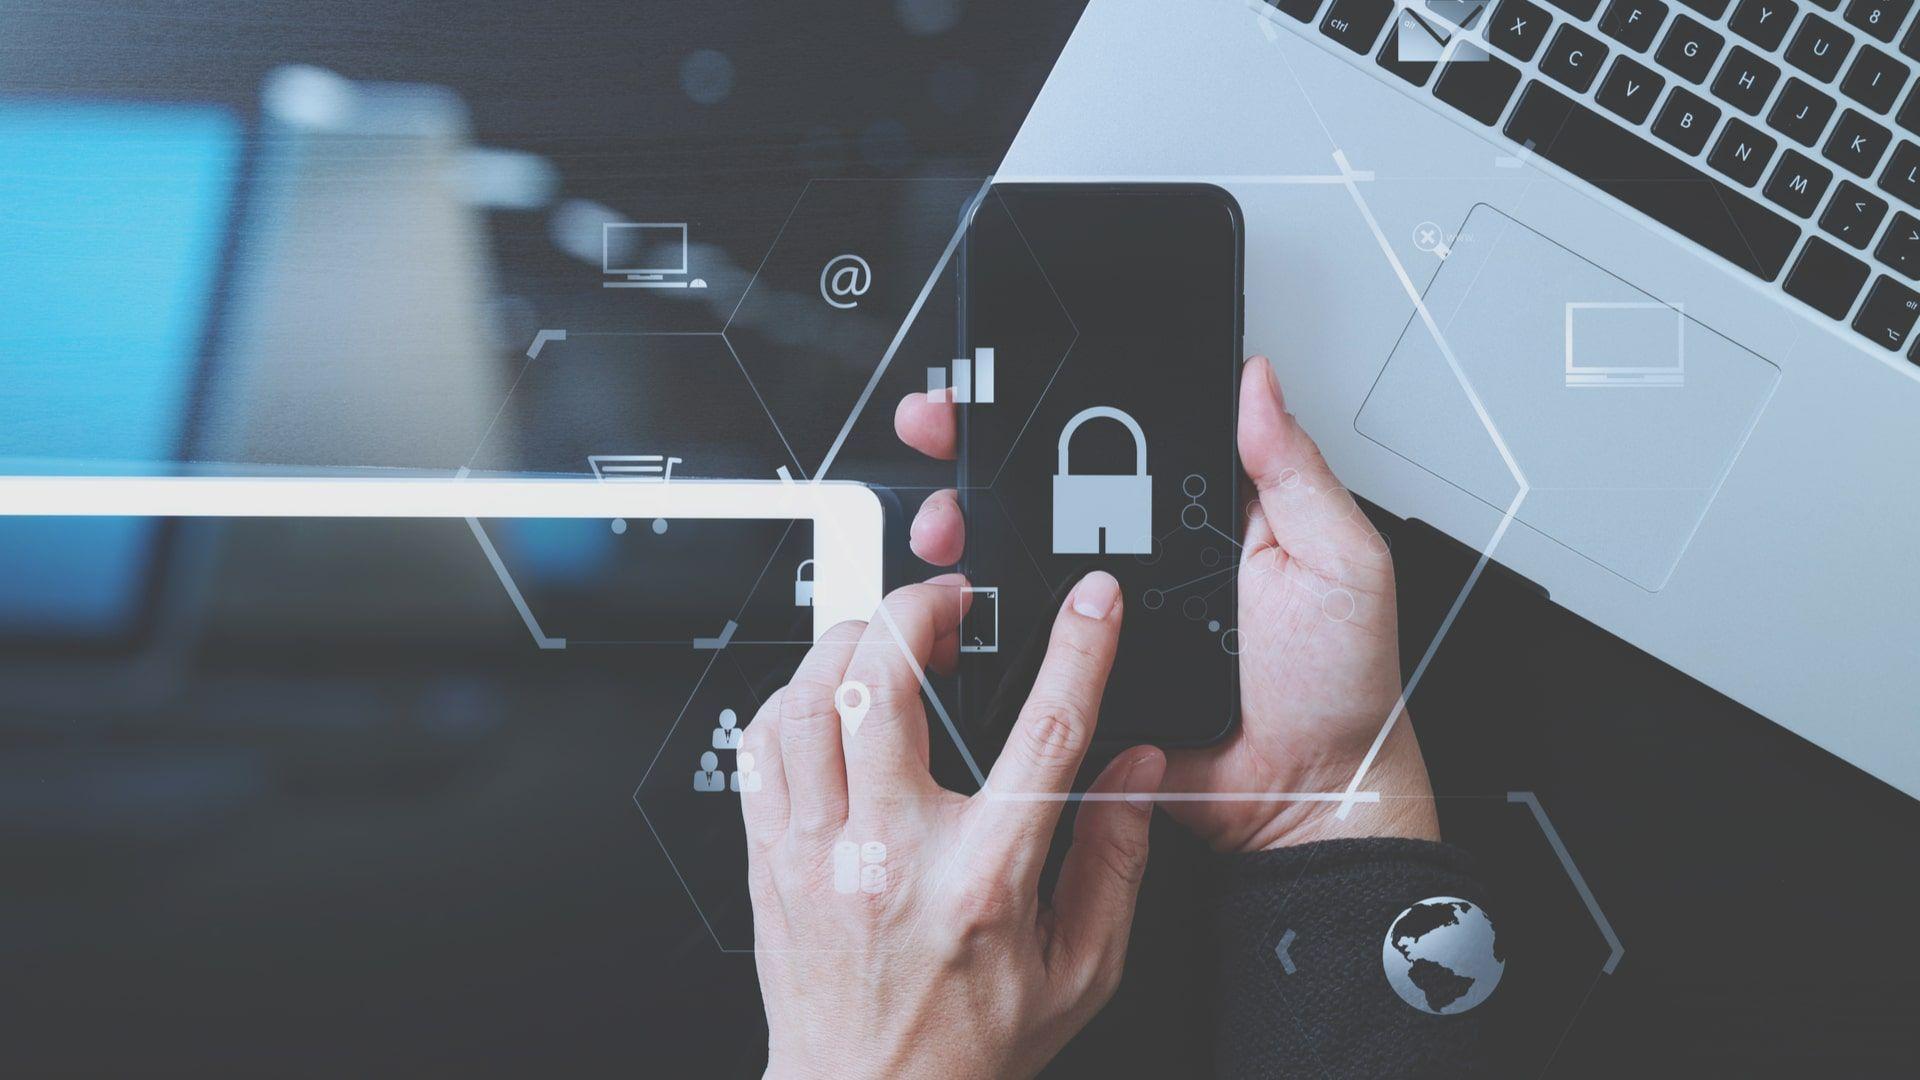 Como desativar o modo de segurança? Função tira os apps de terceiros (Foto: Shutterstock)